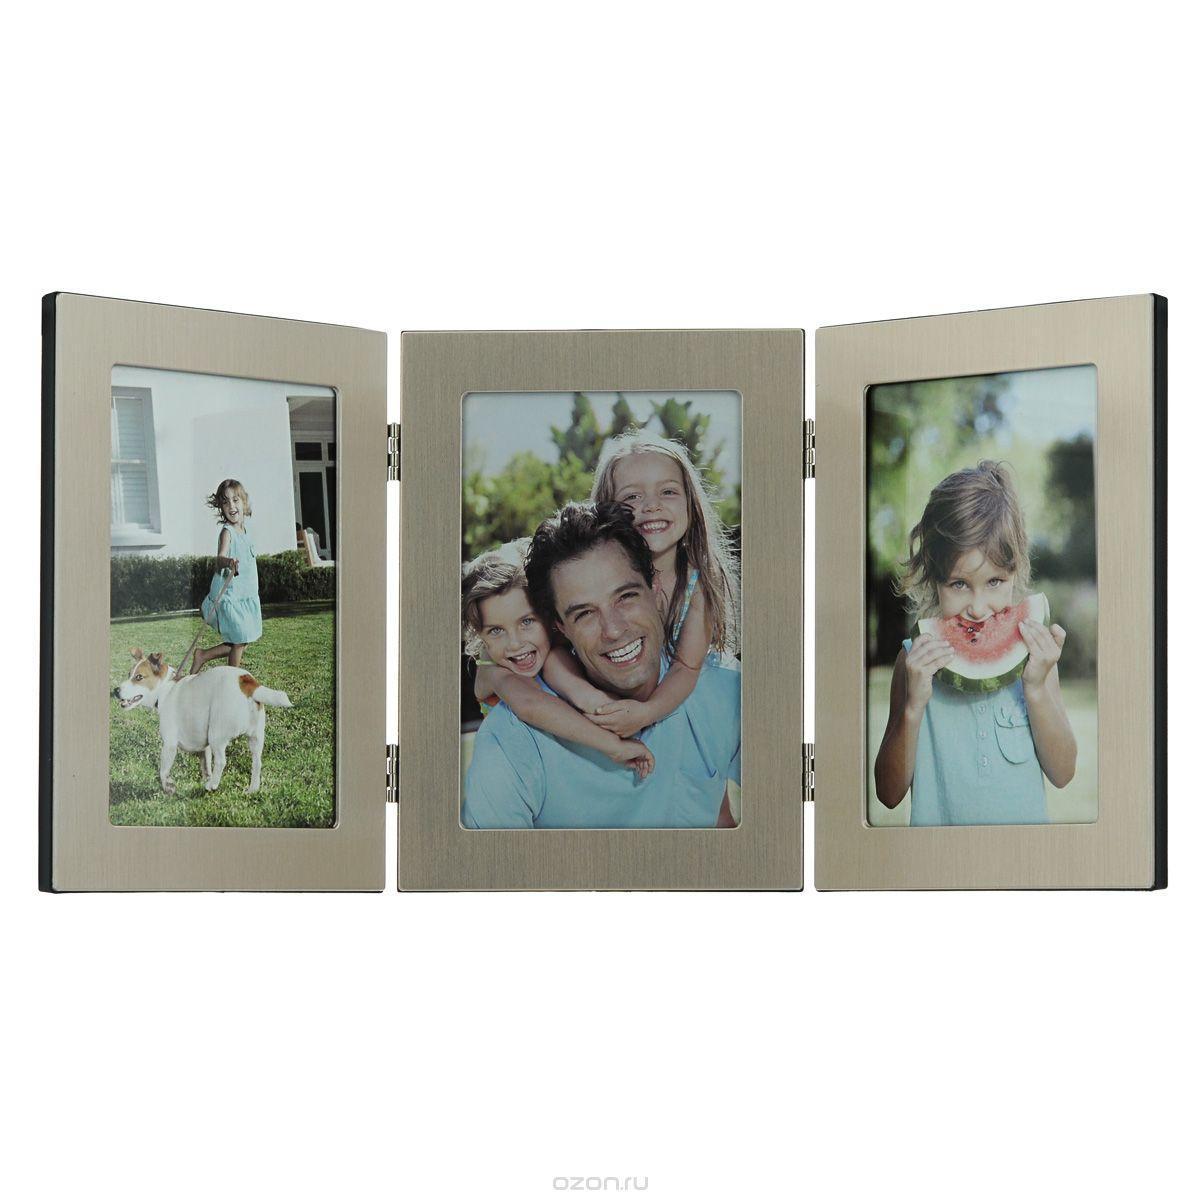 Фоторамка Image Art 6047/3-4G1510F-374Фоторамка Image Art - прекрасный способ красиво оформить ваши фотографии. Изделие рассчитано на 3 фотографии. Фоторамка выполнена из металла и защищена стеклом. Фоторамку можно поставить на стол или подвесить на стену, для чего с задней стороны предусмотрены специальные отверстия. Такая фоторамка поможет сохранить на память самые яркие моменты вашей жизни, а стильный дизайн сделает ее прекрасным дополнением интерьера.